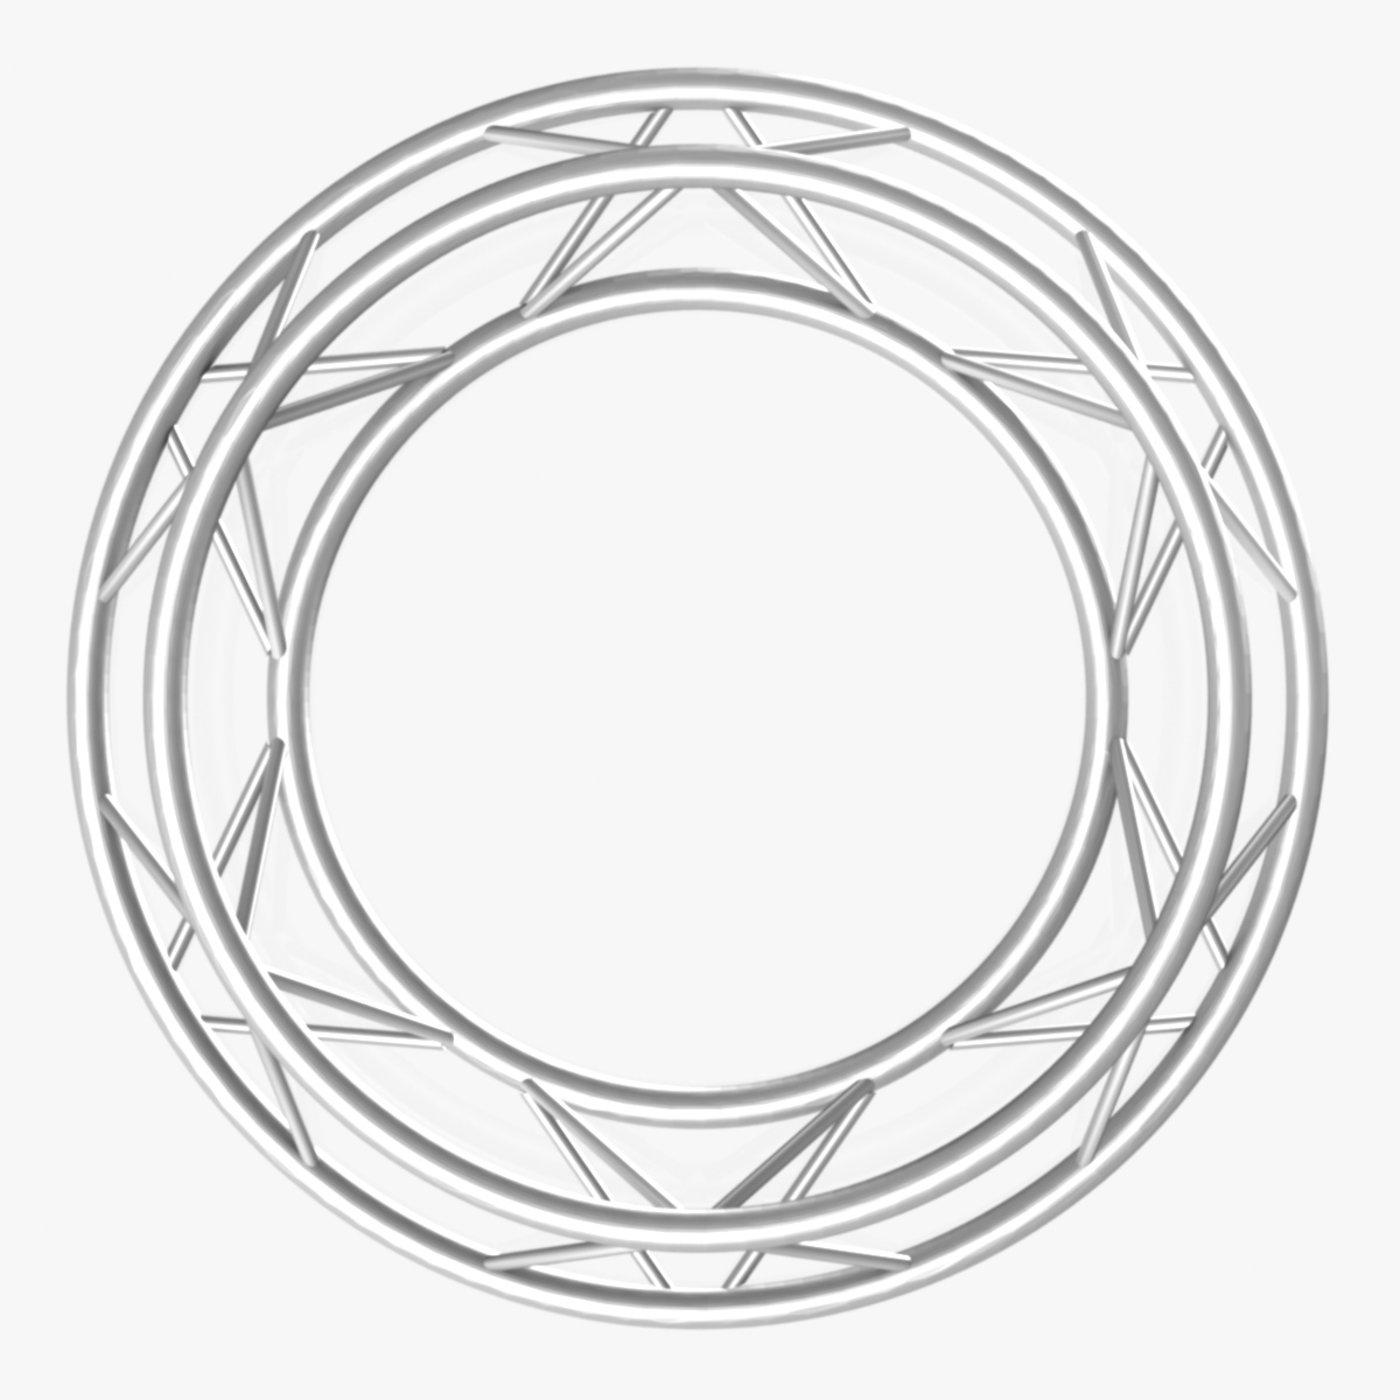 Circle Triangular Truss (Full diameter 150cm)